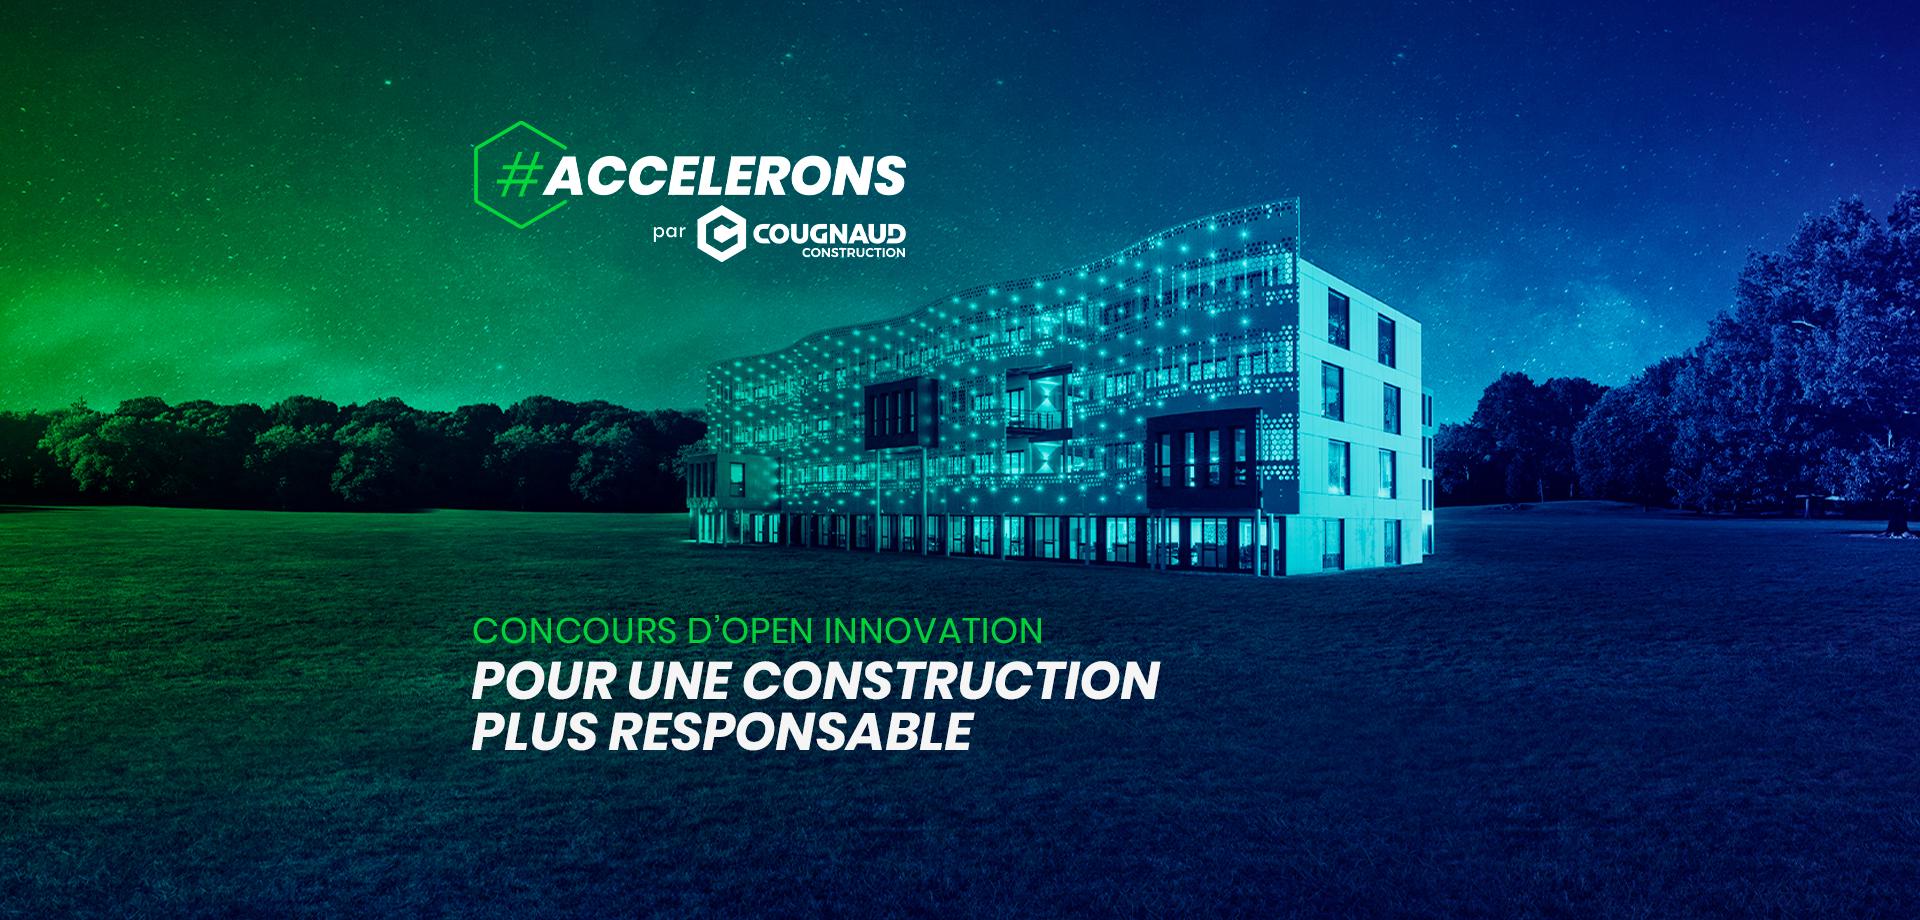 Concours open innovation ACCELERONS par Cougnaud Construction